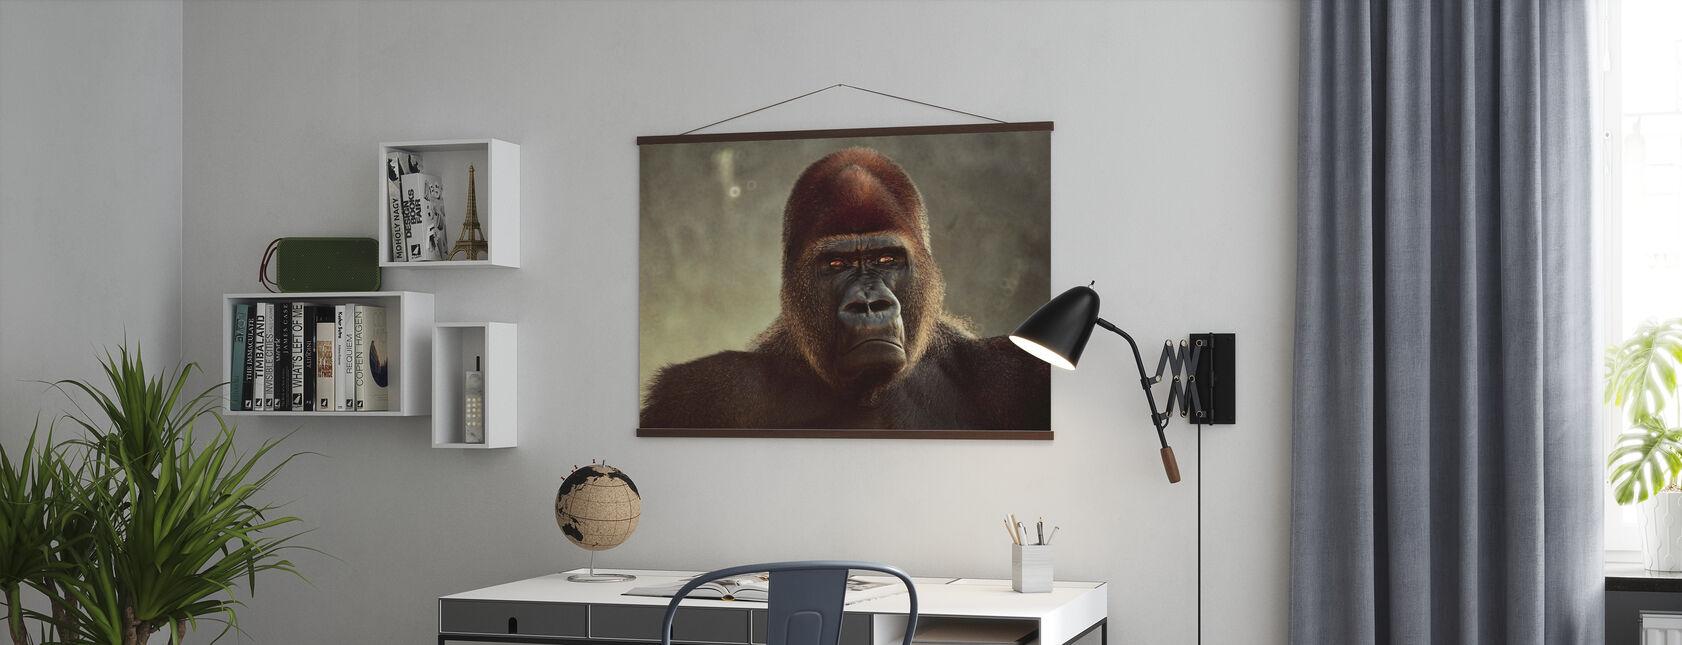 Mahtava Gorilla - Juliste - Toimisto